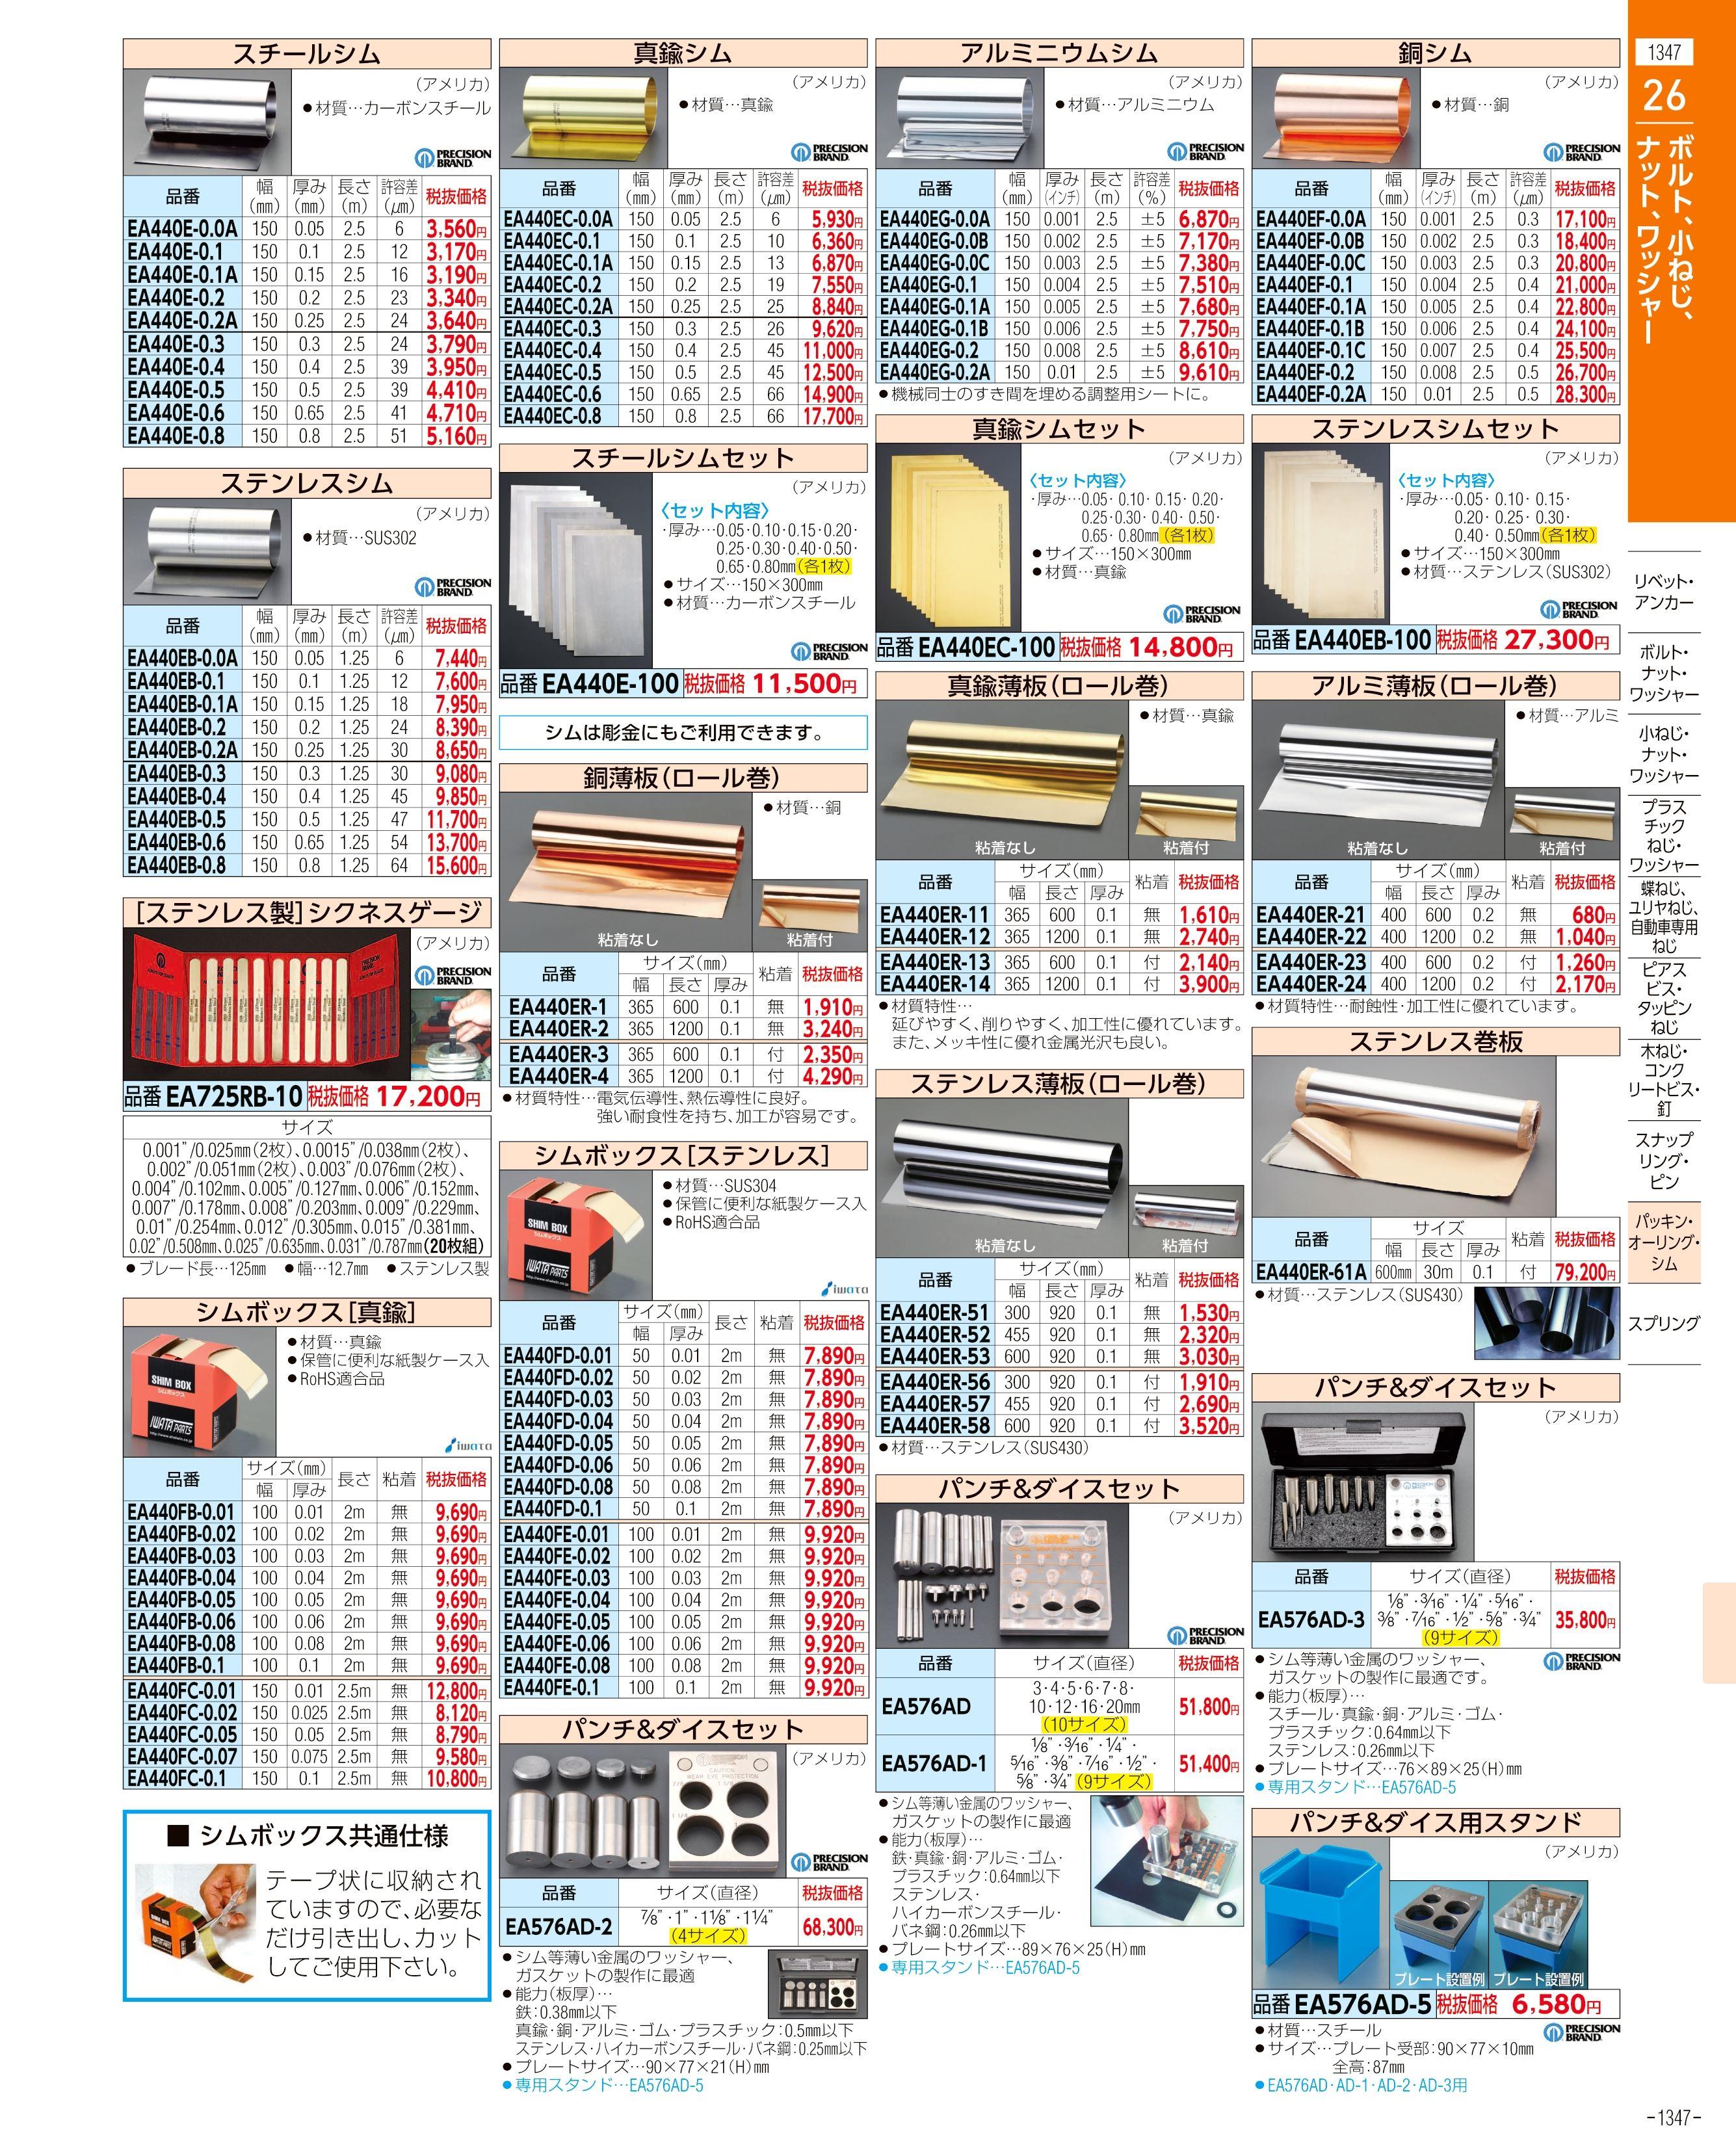 エスコ便利カタログ1347ページ